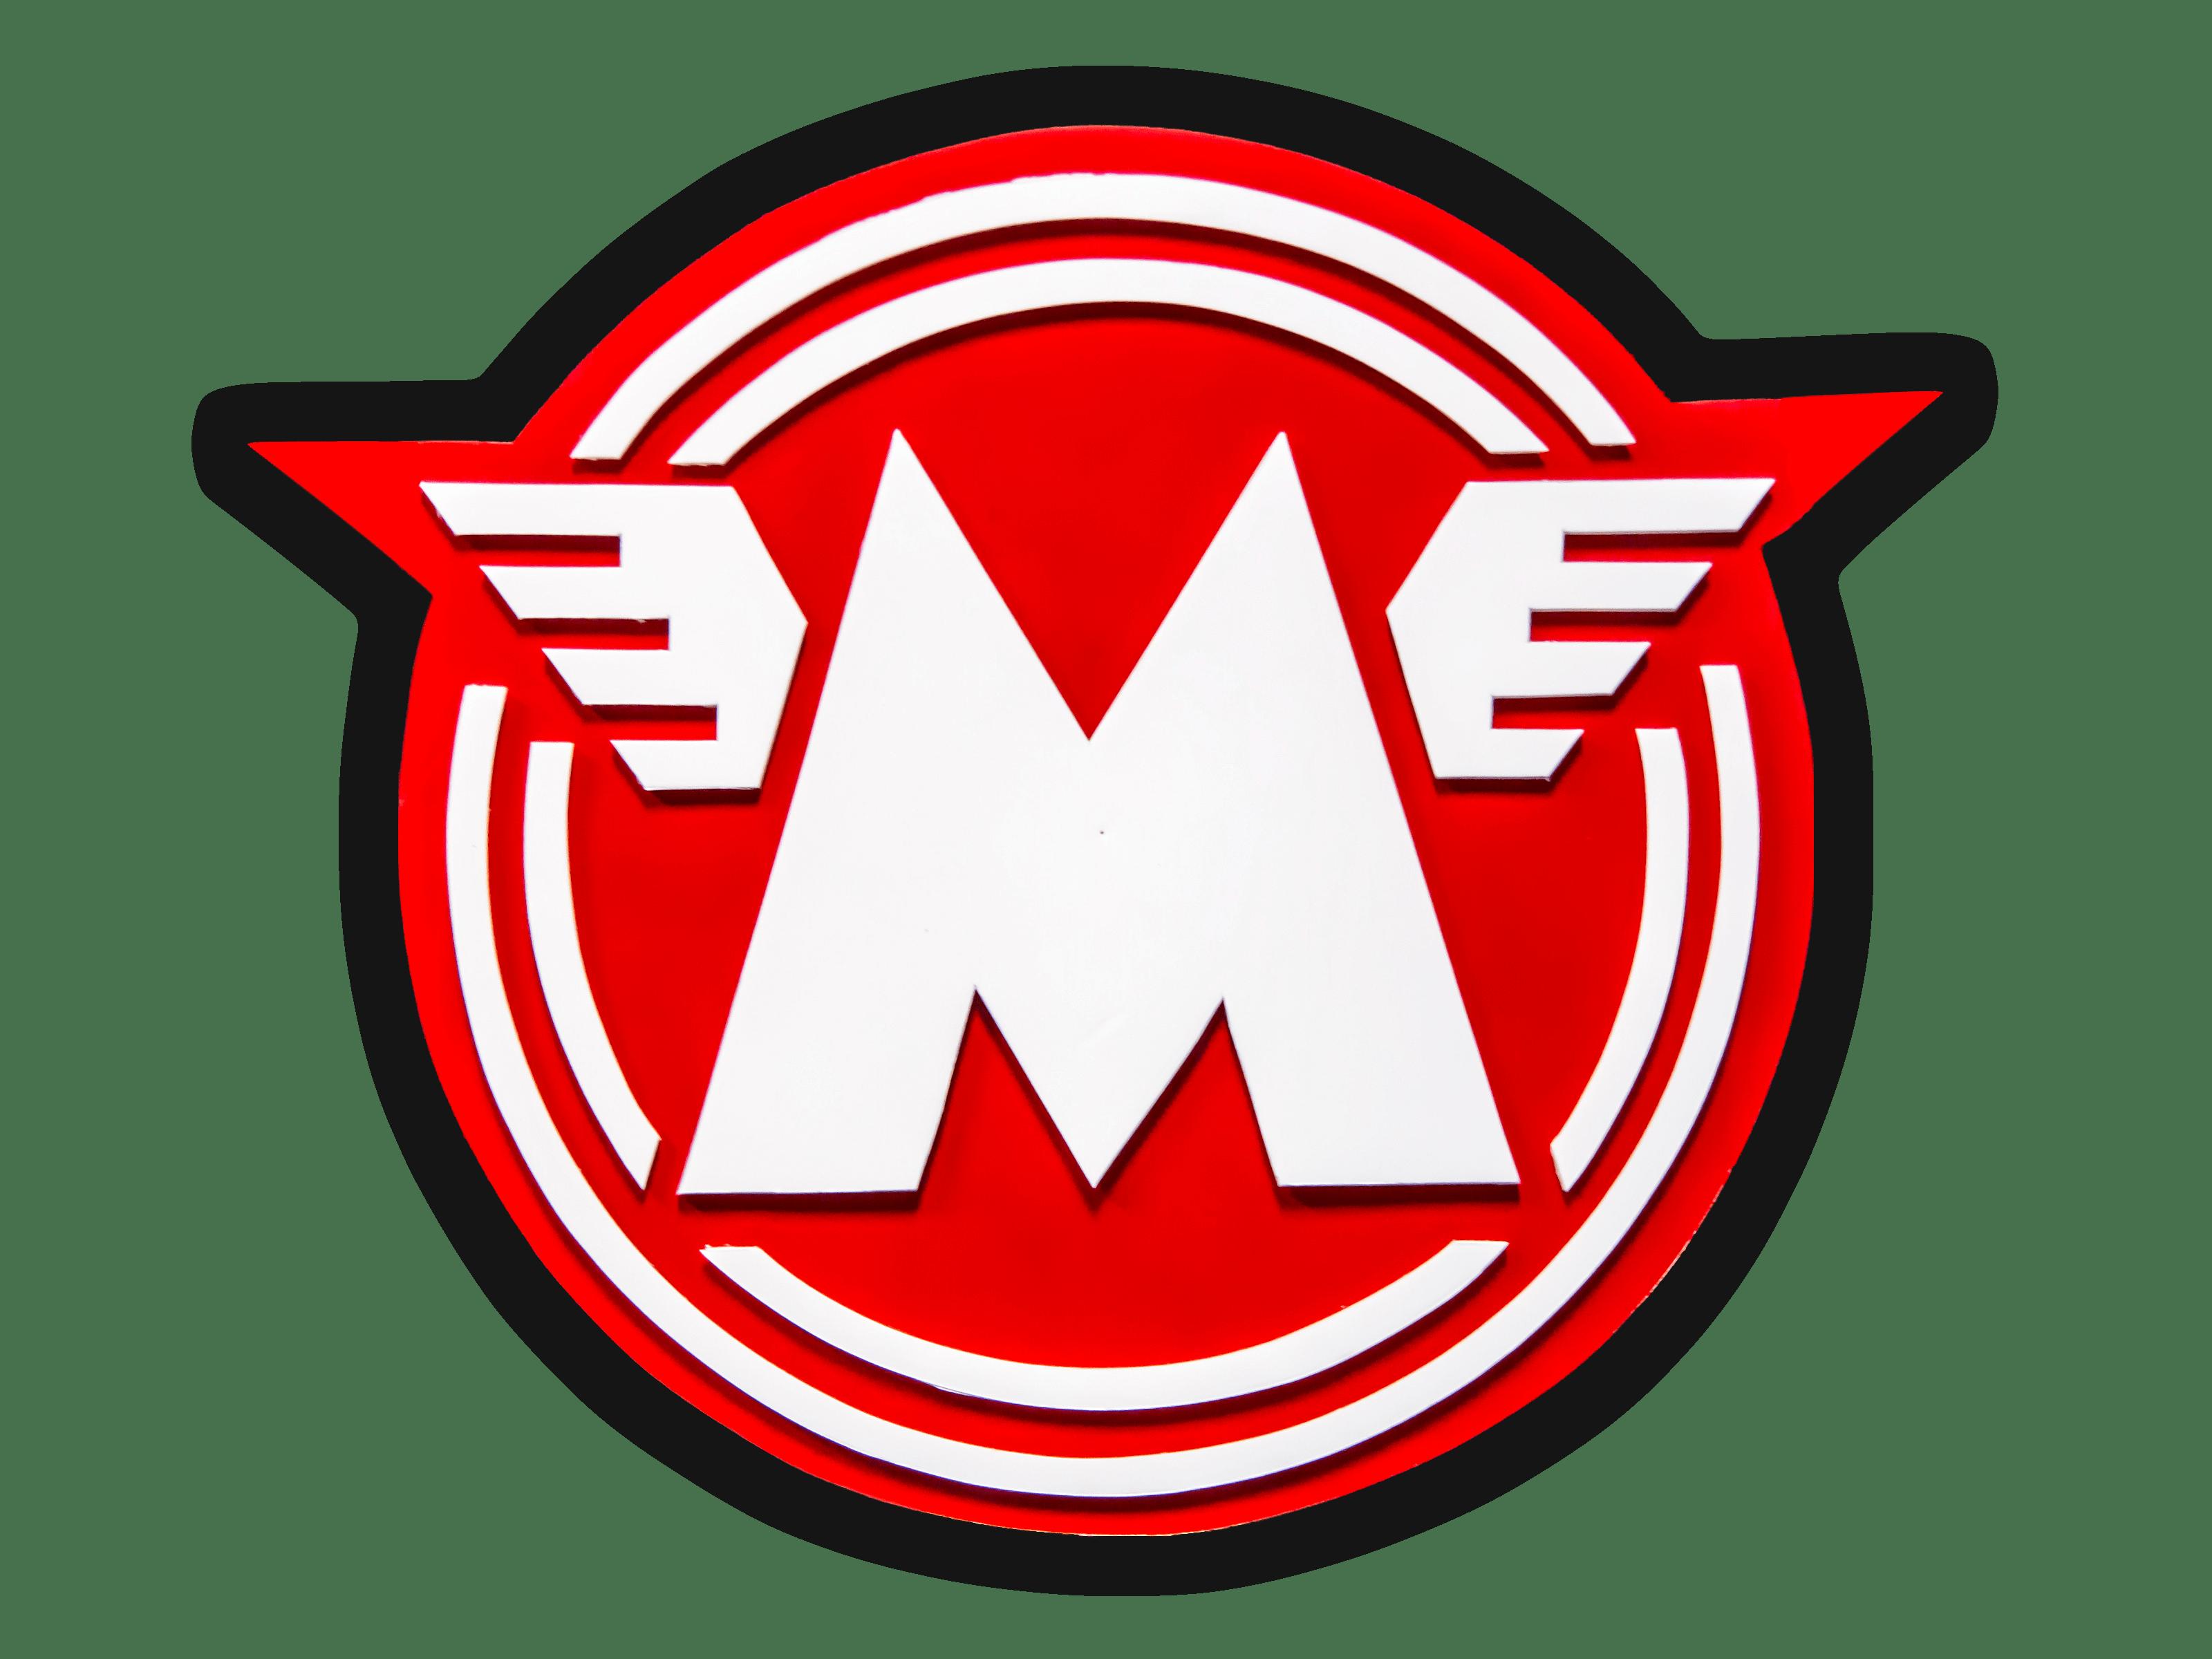 Logo honda rouge - Matchless Motorcycles Logo